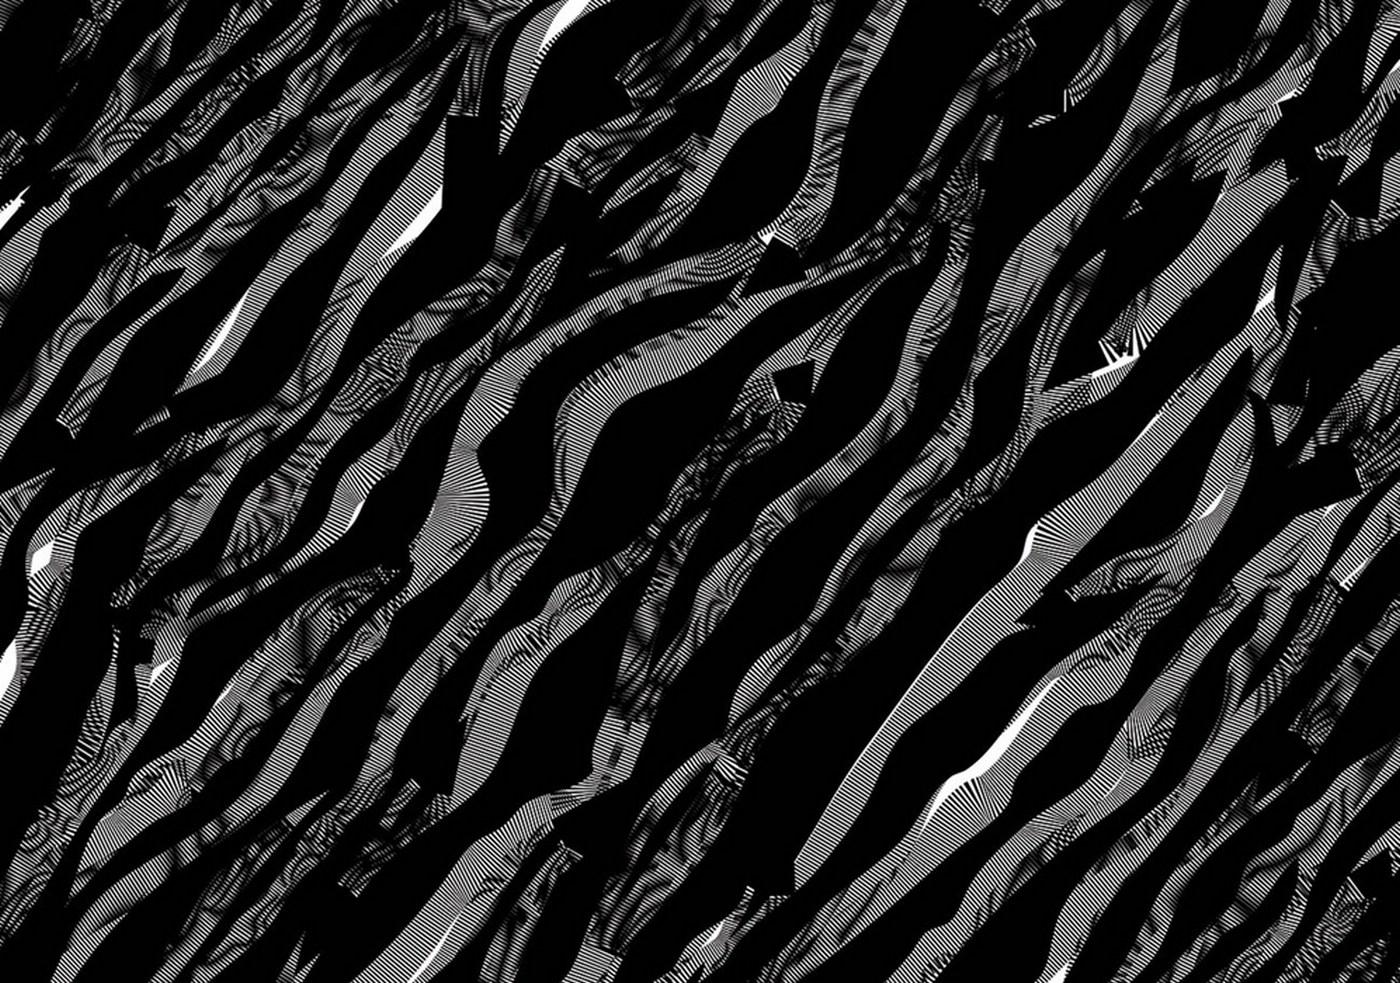 Vlies Fototapete 361   Illustrationen Tapete Abstrakt Wellen Schwarz Weiß  Muster Grau